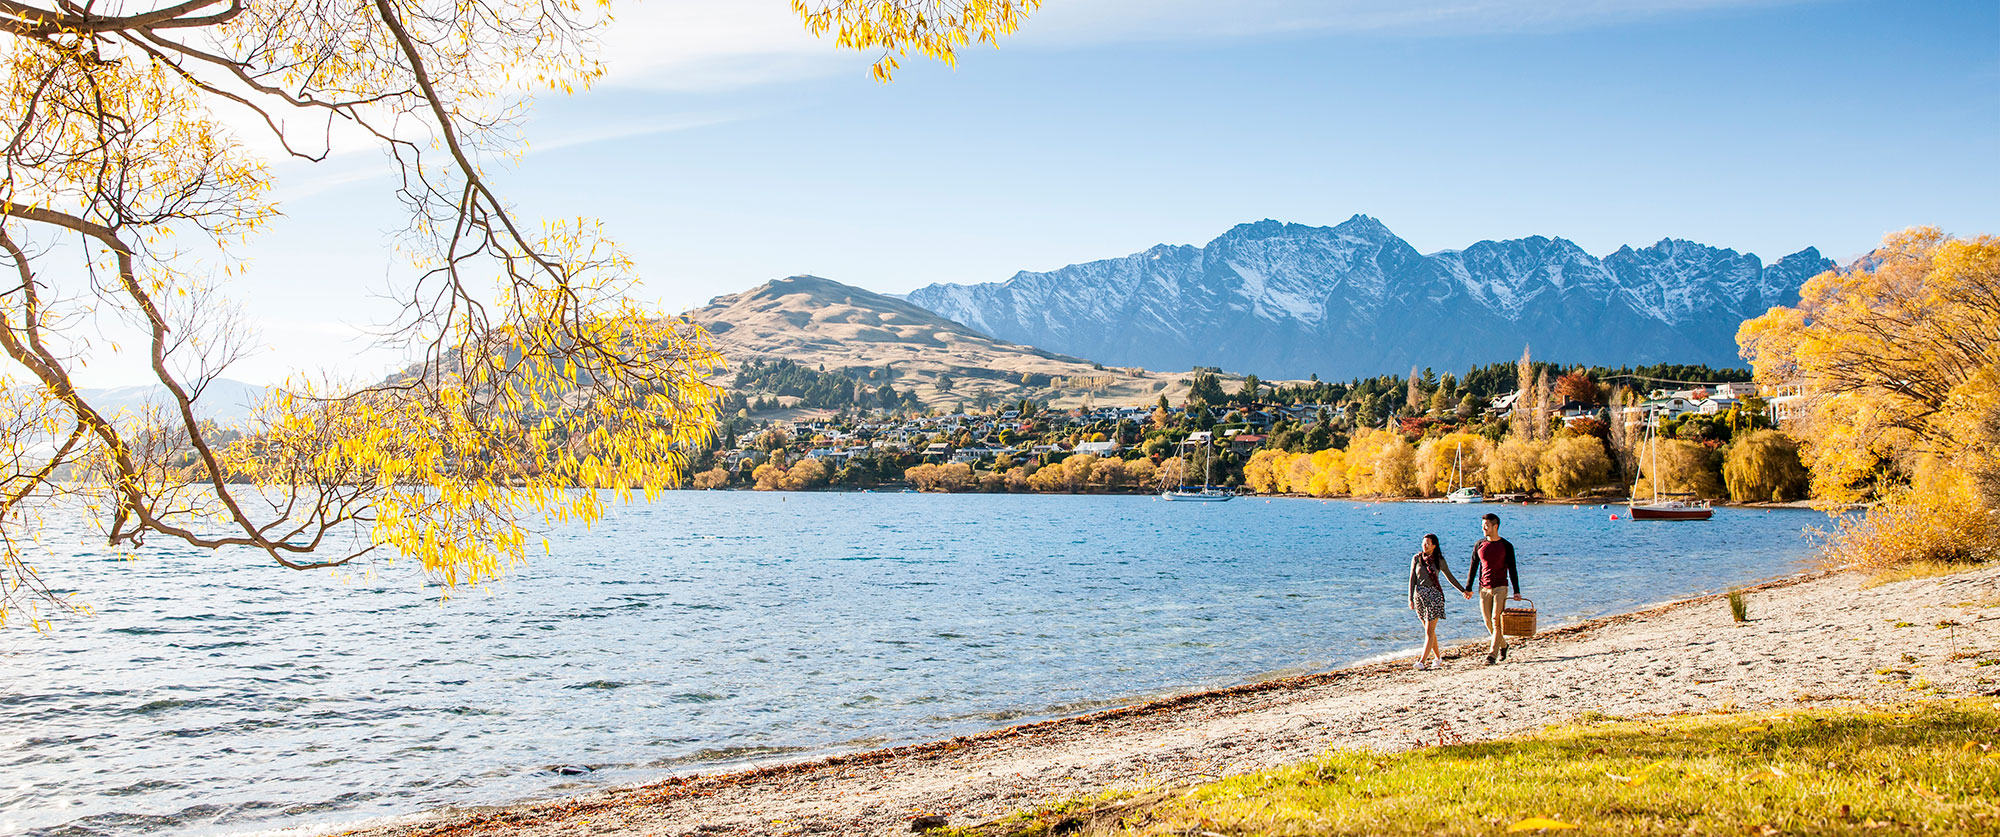 Queenstown-New-Zealand-vacation-Lake-Wakatipu